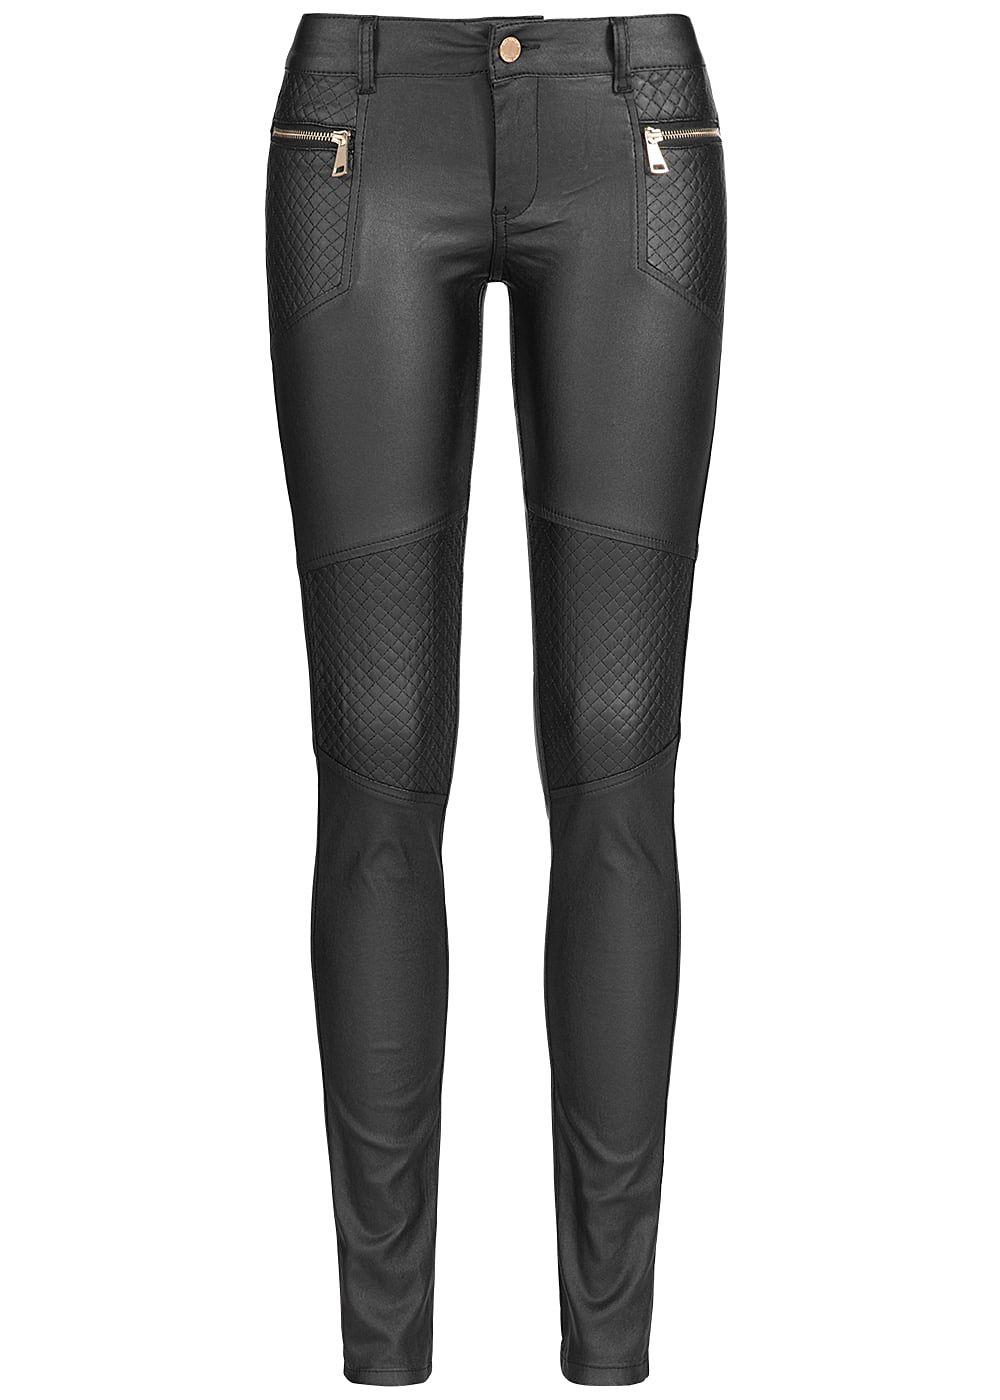 seventyseven lifestyle damen biker jeans hose kunstleder glanz optik schwarz 77onlineshop. Black Bedroom Furniture Sets. Home Design Ideas